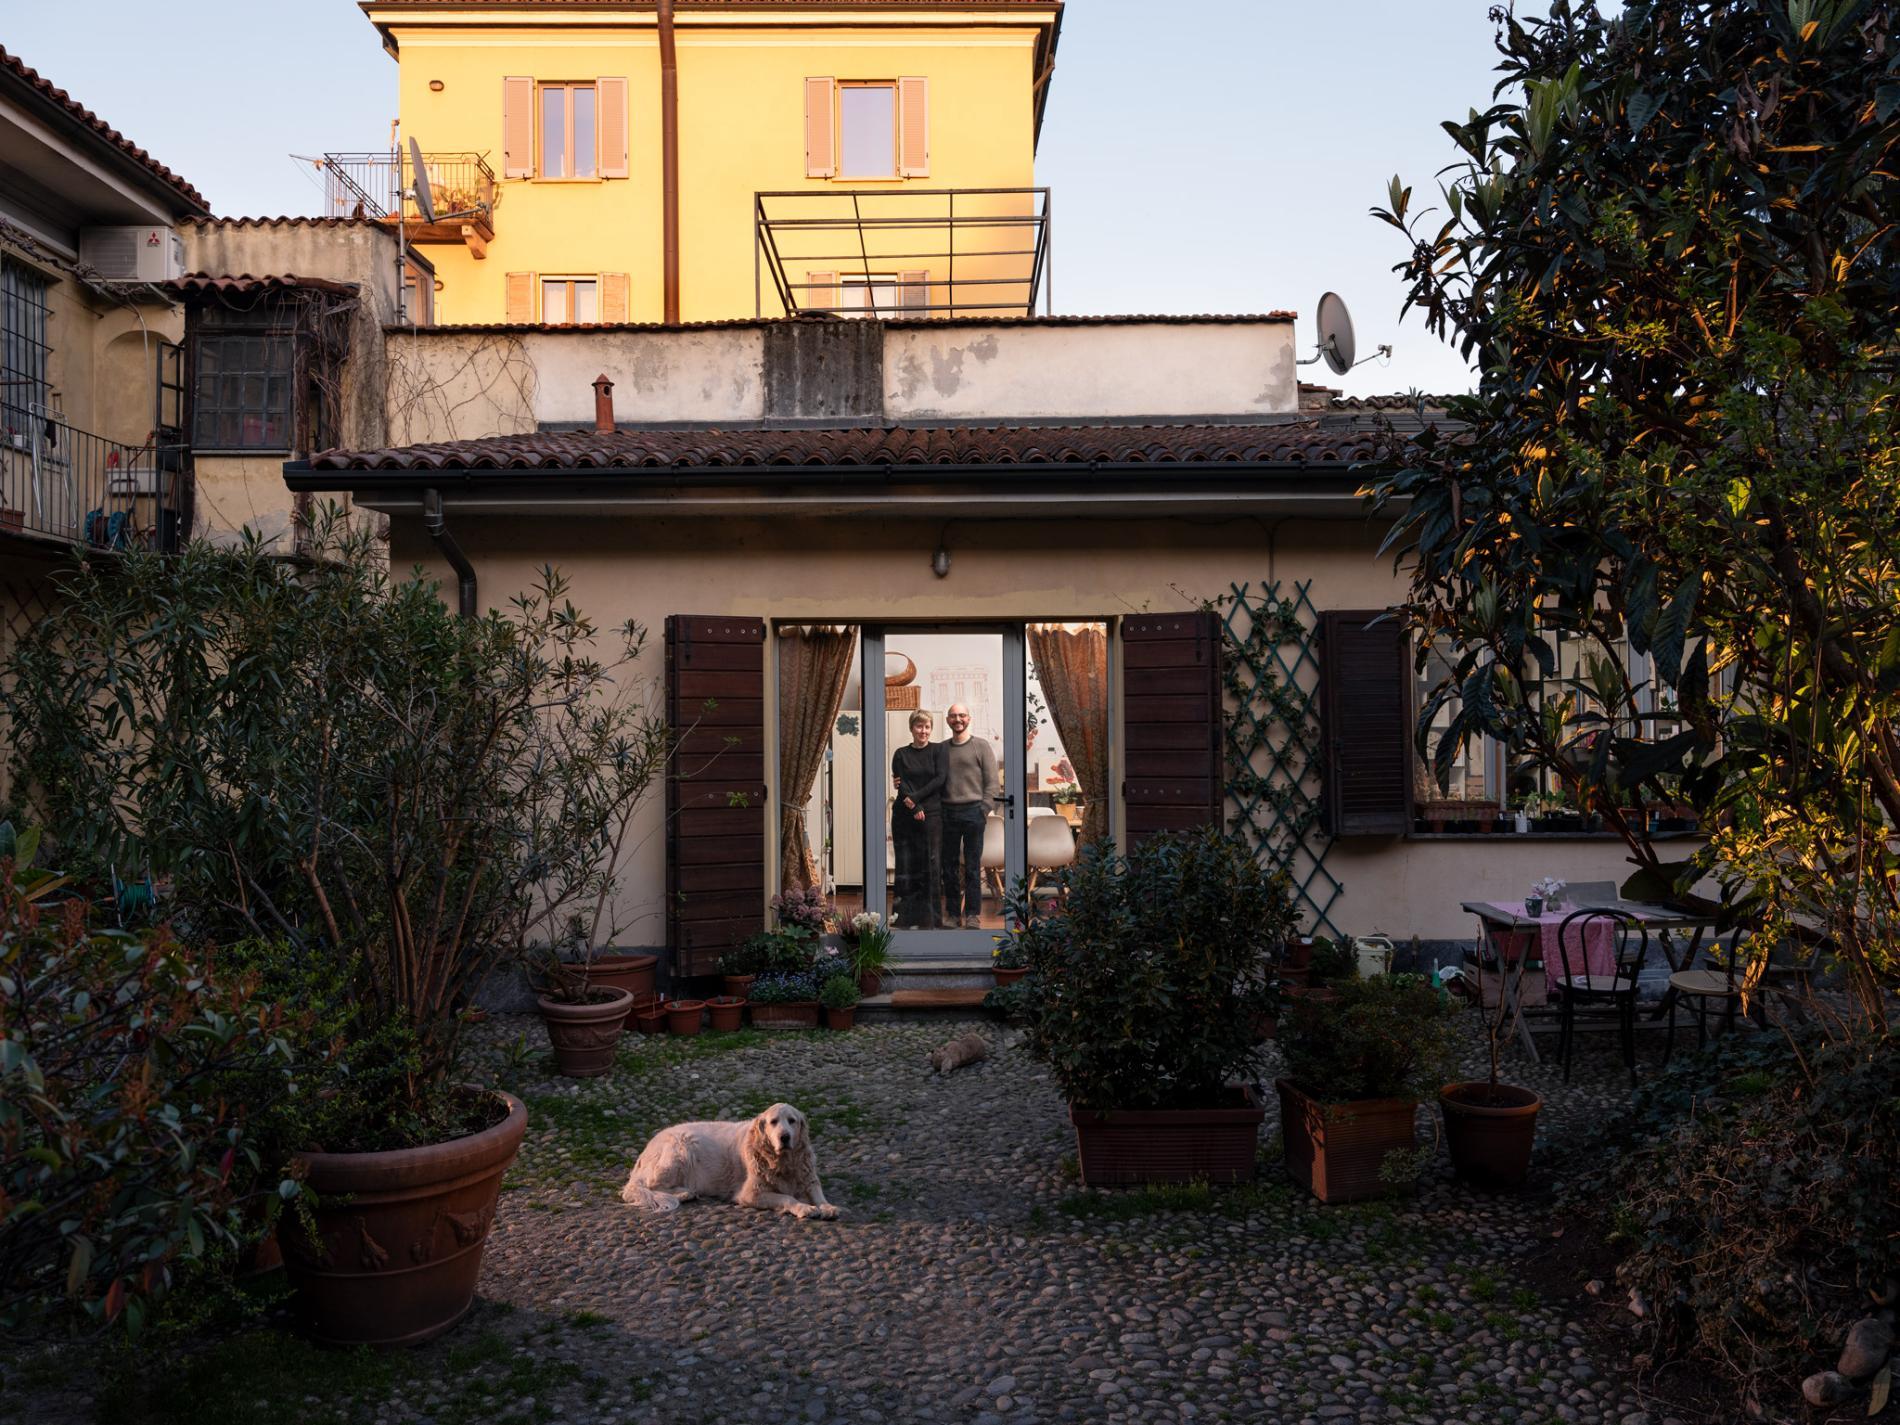 Paolo ed Elizabeth Lombardi - Ph credits Gabriele Galimberti